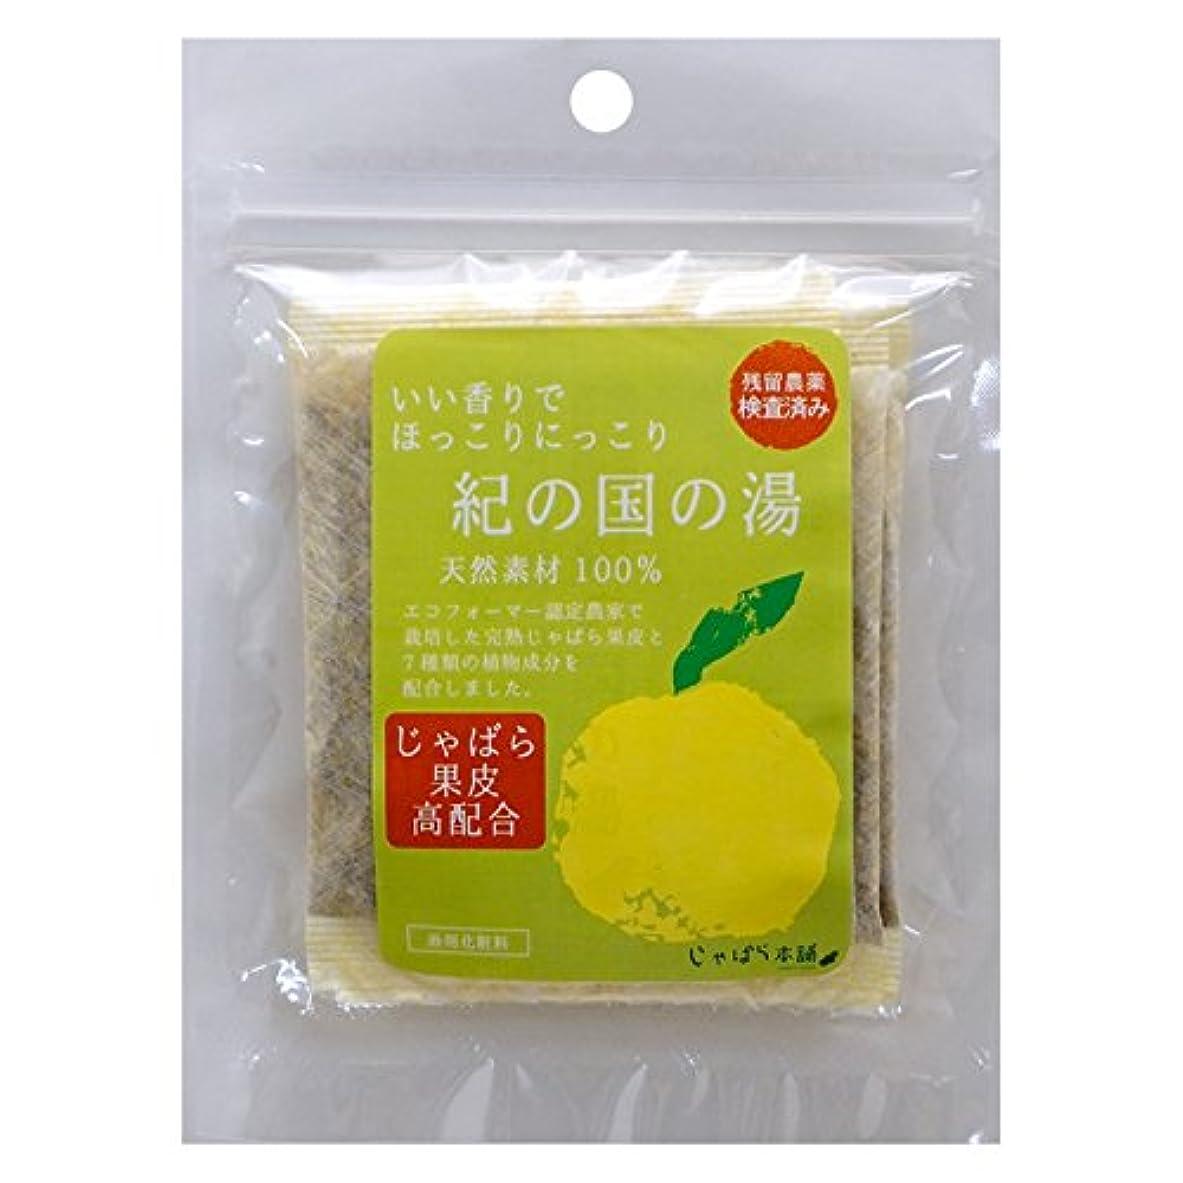 証明オープニングプレゼントじゃばら果皮入りの入浴剤 「紀の国の湯」 1袋(15g×3包入り)